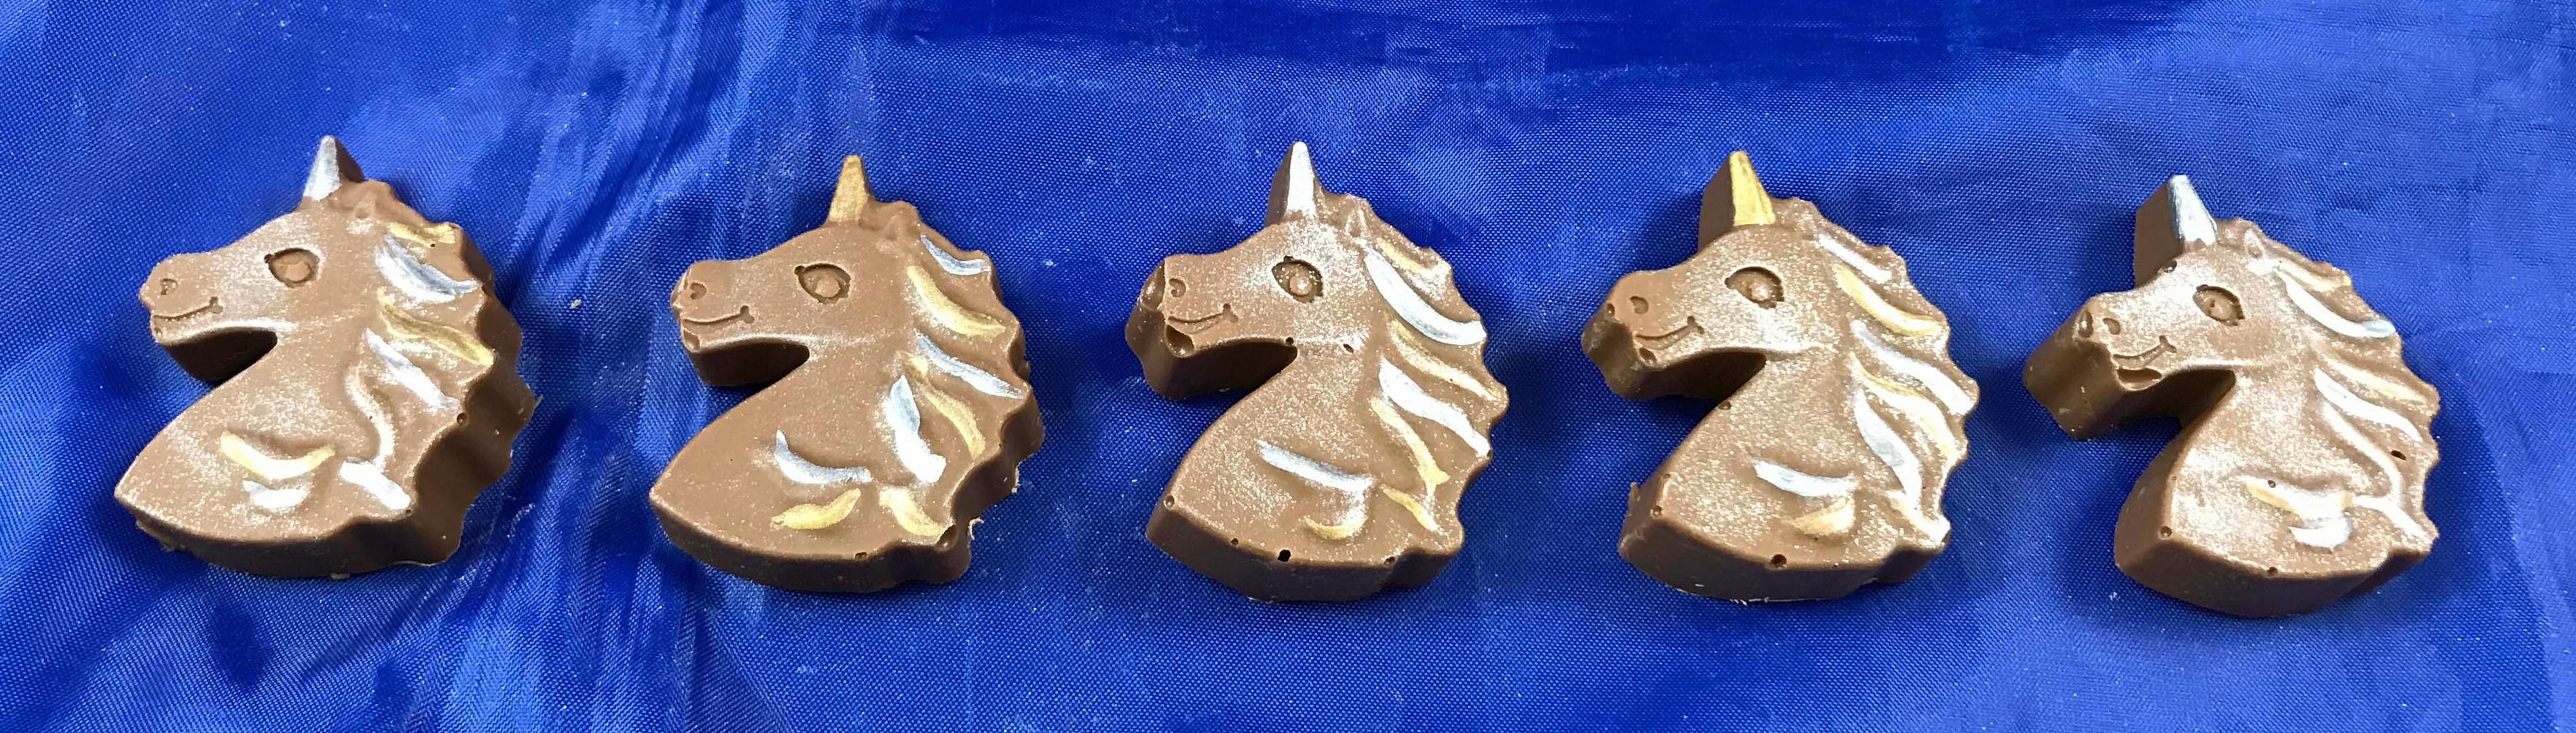 Milk chocolate unicorns 3.jpg